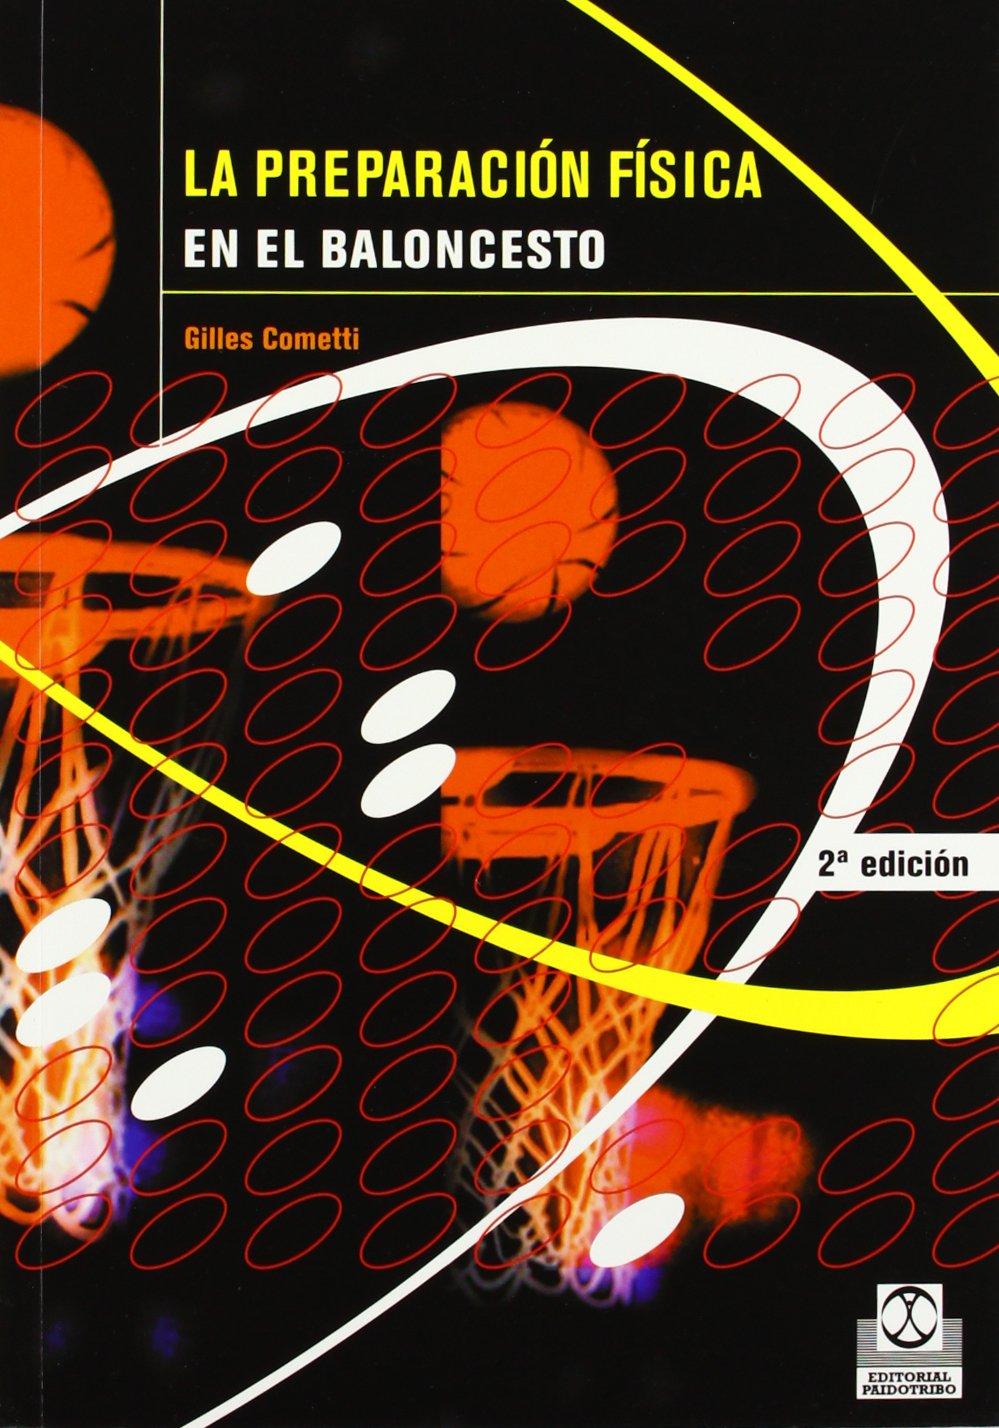 Preparación Fisica En el Baloncesto (Deportes) Tapa blanda – 23 mar 2006 G. Cometti Paidotribo 8480196246 Basketball - General